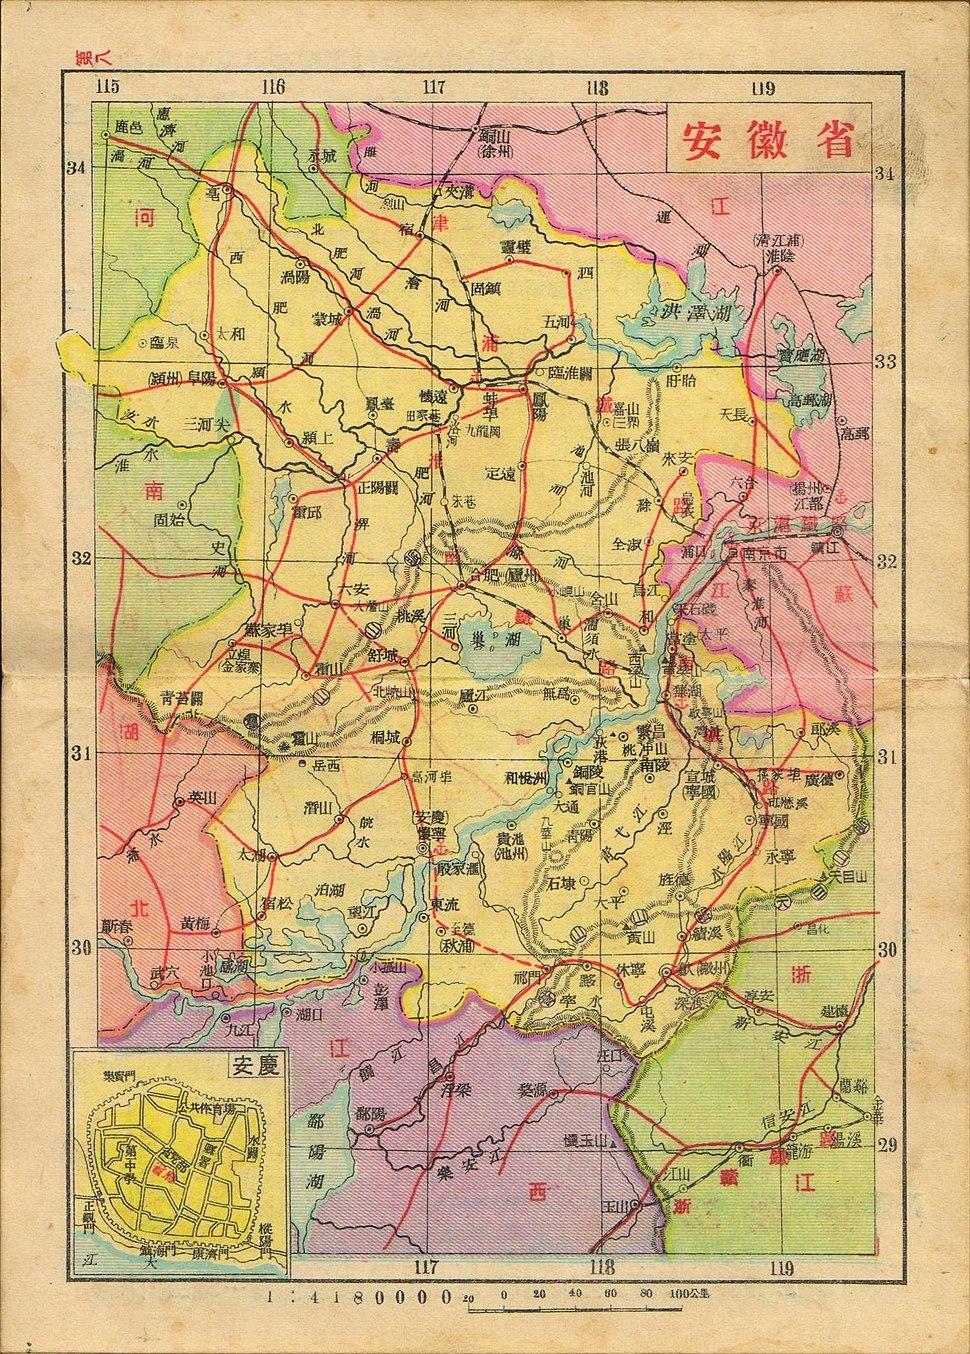 亚新地学社1936年《袖珍中华全图》--08安徽省